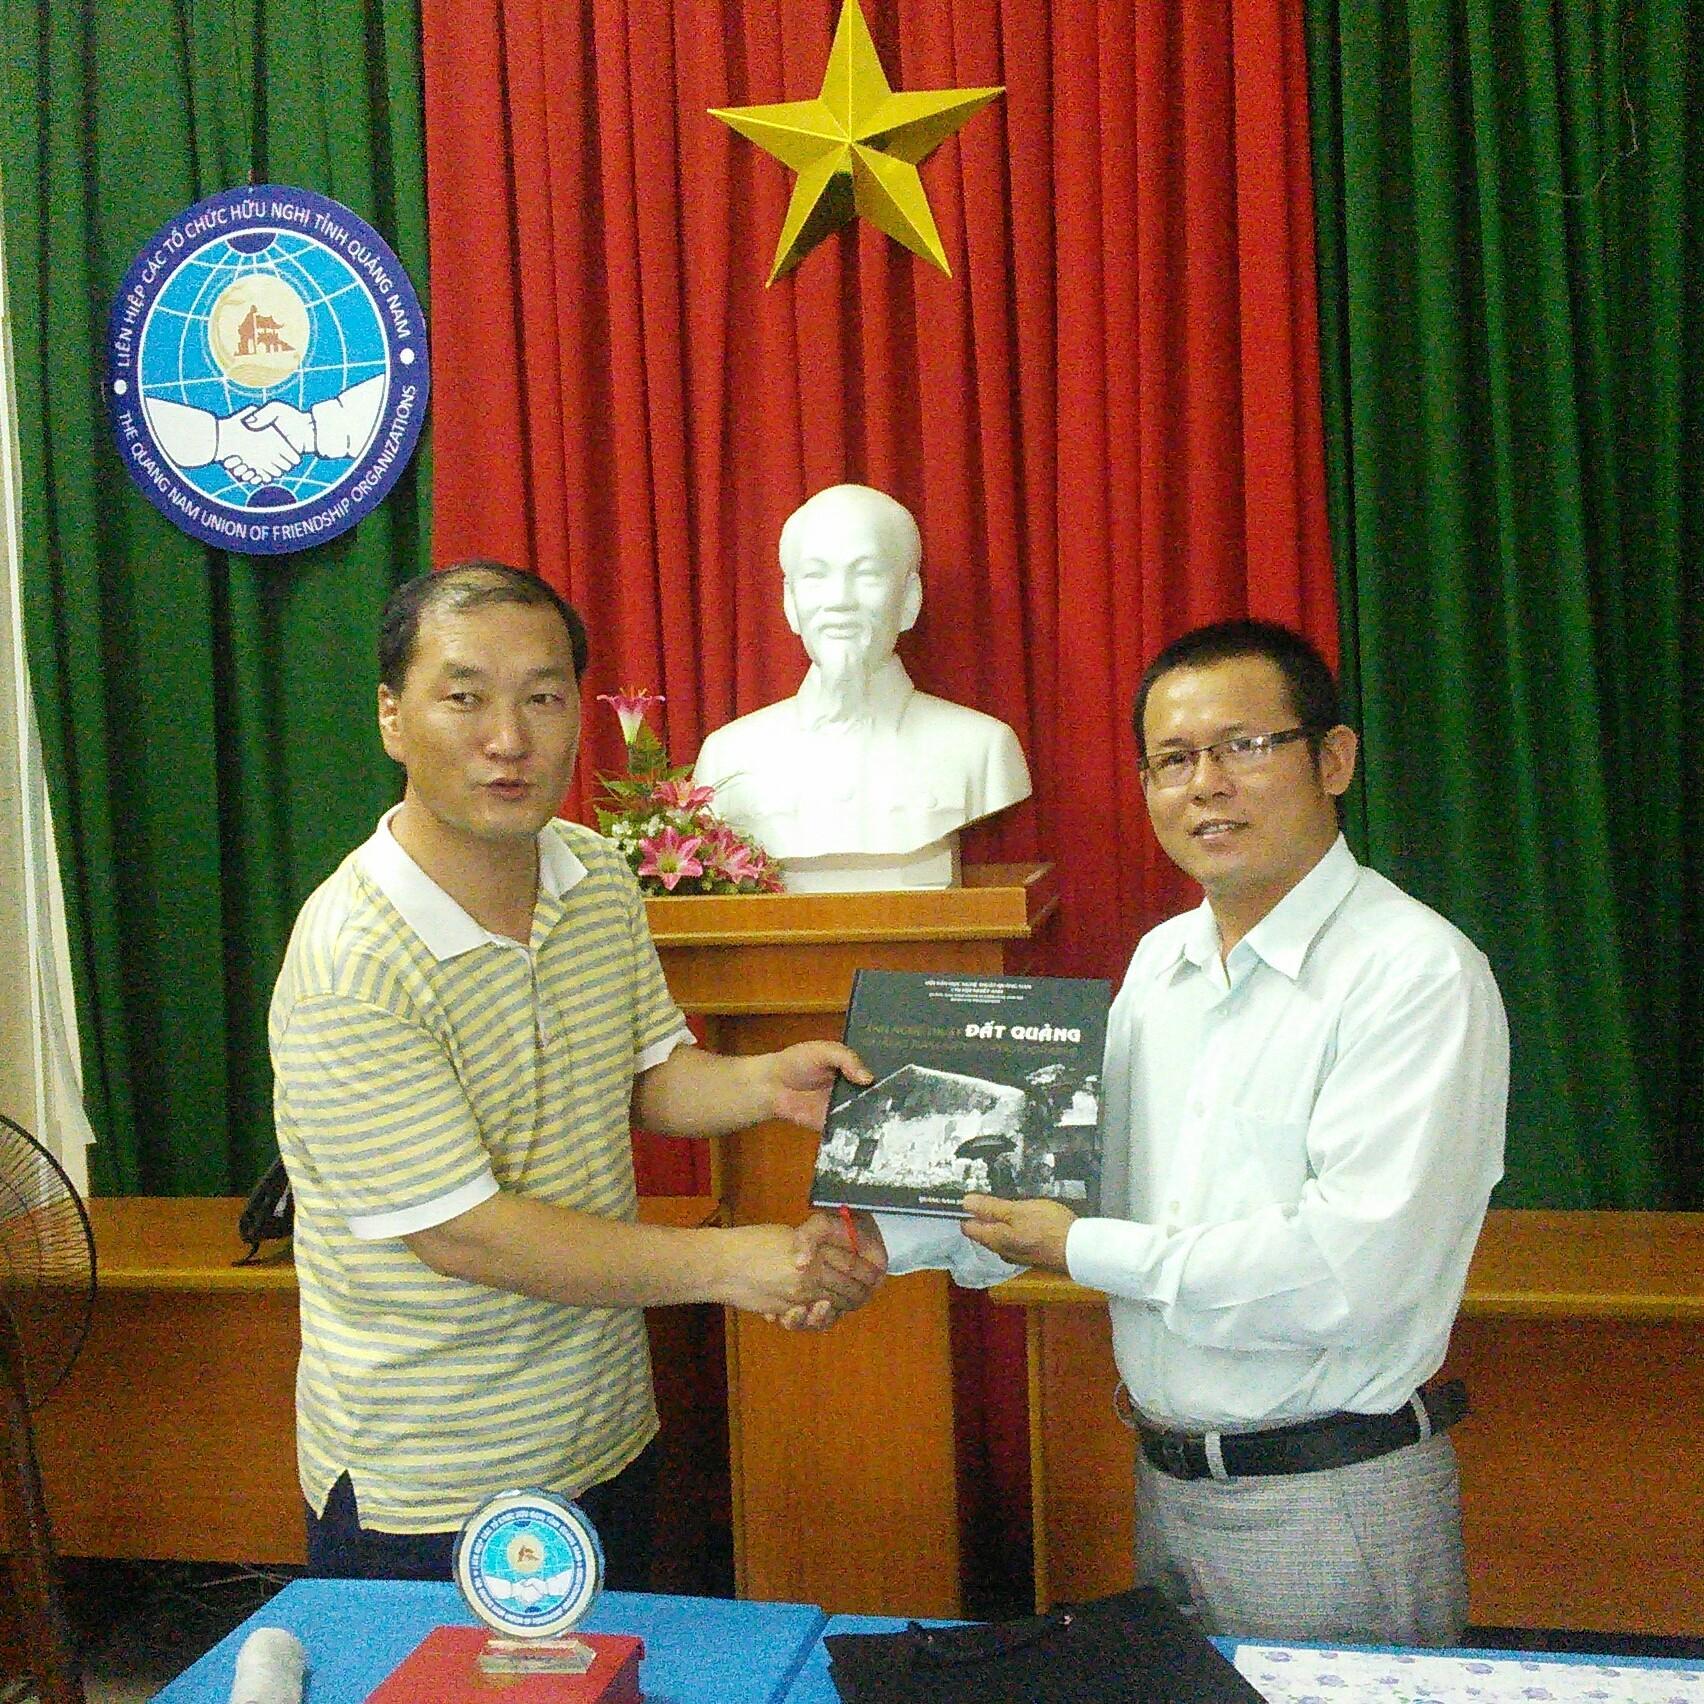 Hội Văn học - Nghệ thuật Quảng Nam tặng quà cho đại diện Liên đoàn Nghệ thuật Cheong Ju (Hàn Quốc).